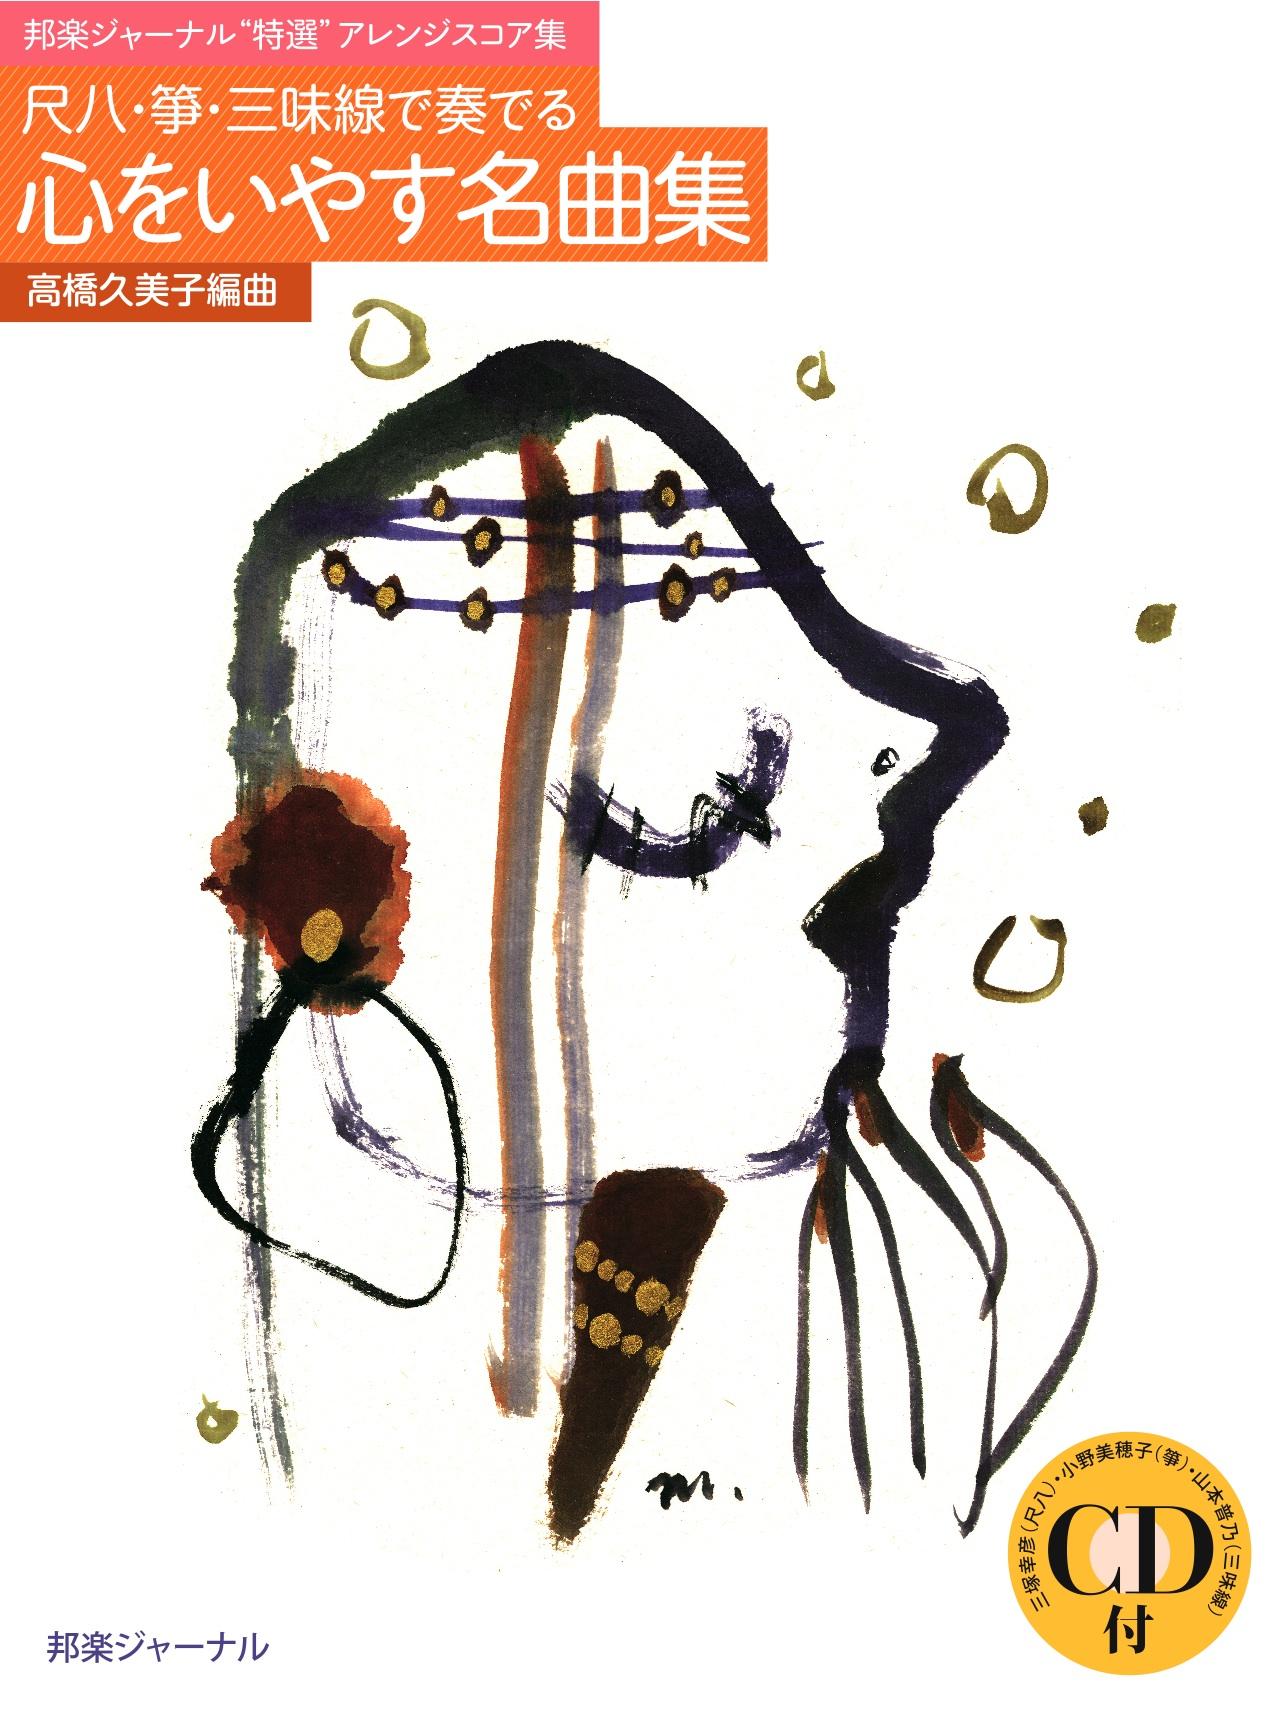 【品切・再版予定あり】楽譜+CD 尺八・箏・三味線で奏でる 心をいやす名曲集[5400]